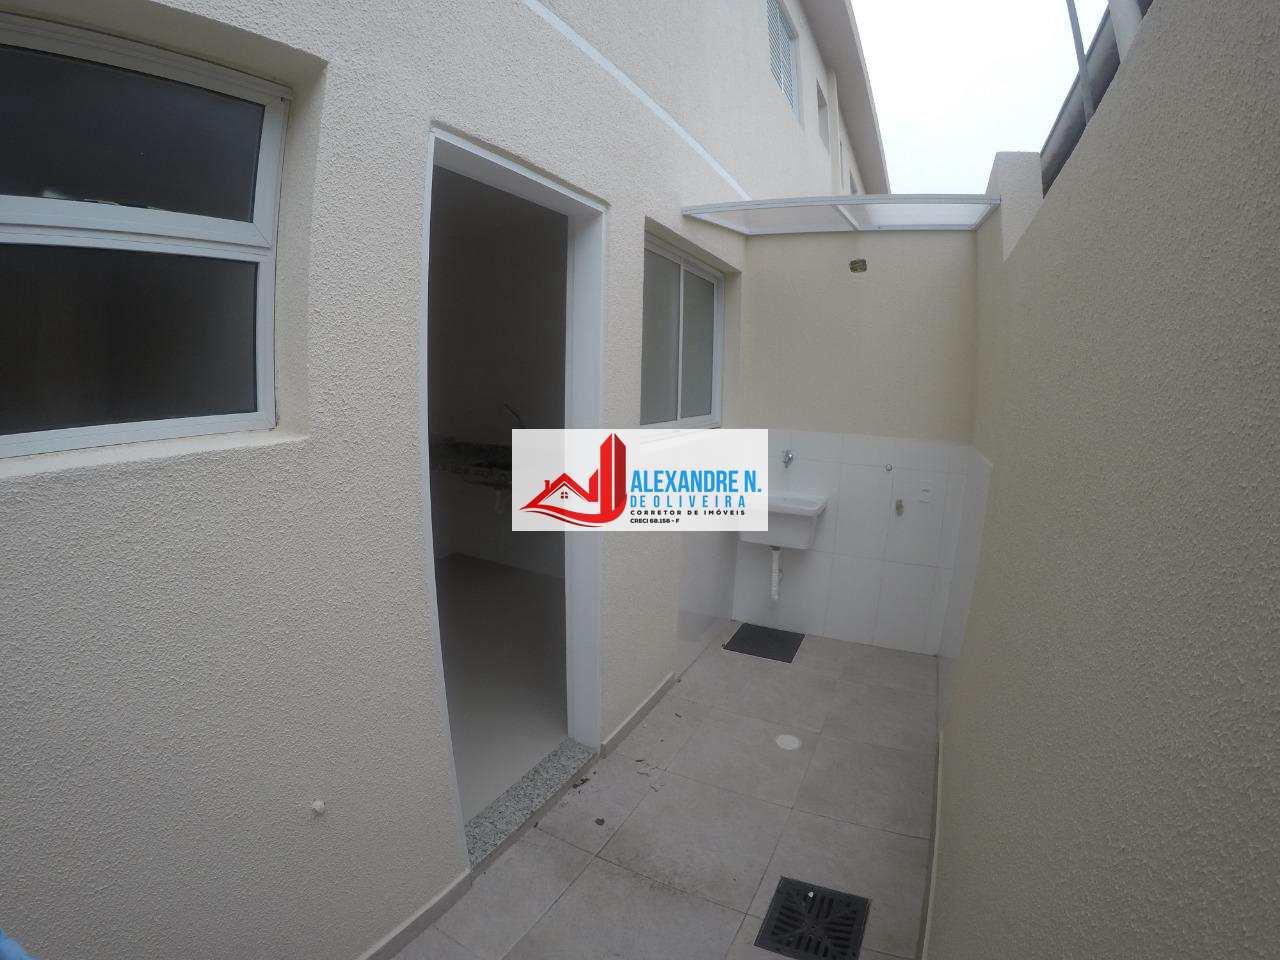 Sobrado Novo, 2 dorms, 2 wcs, Praia Grande, R$ 185 mil, SB00005